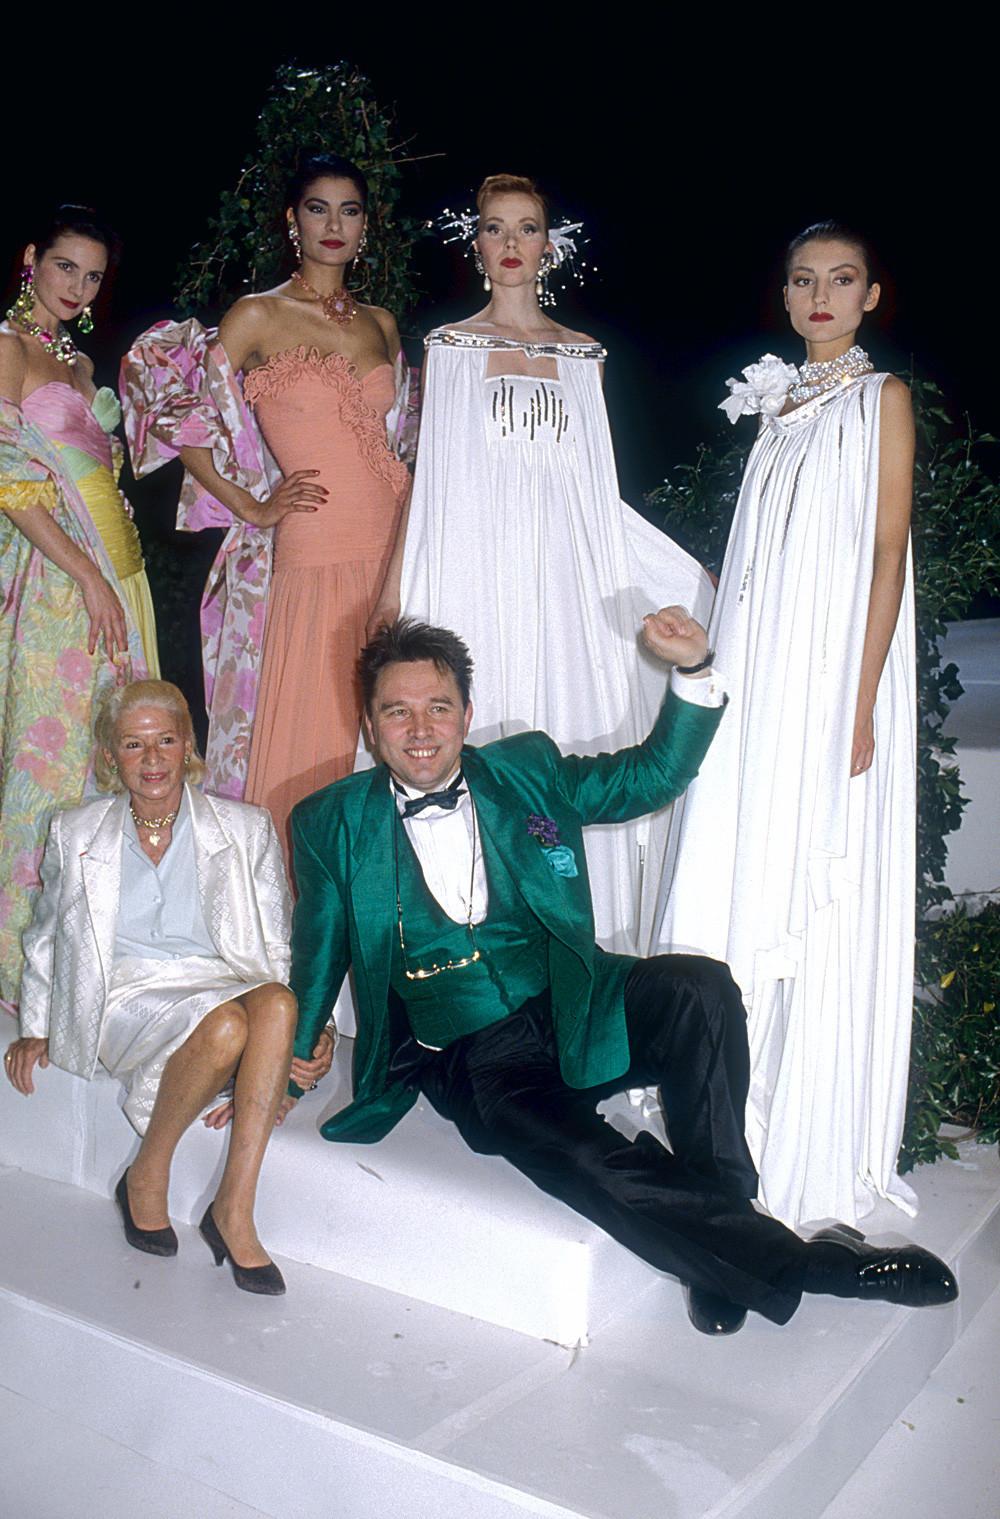 Zaitsev com a estilista francesa Madame Carven e modelos no desfile da temporada primavera-verão de Paris em 1988